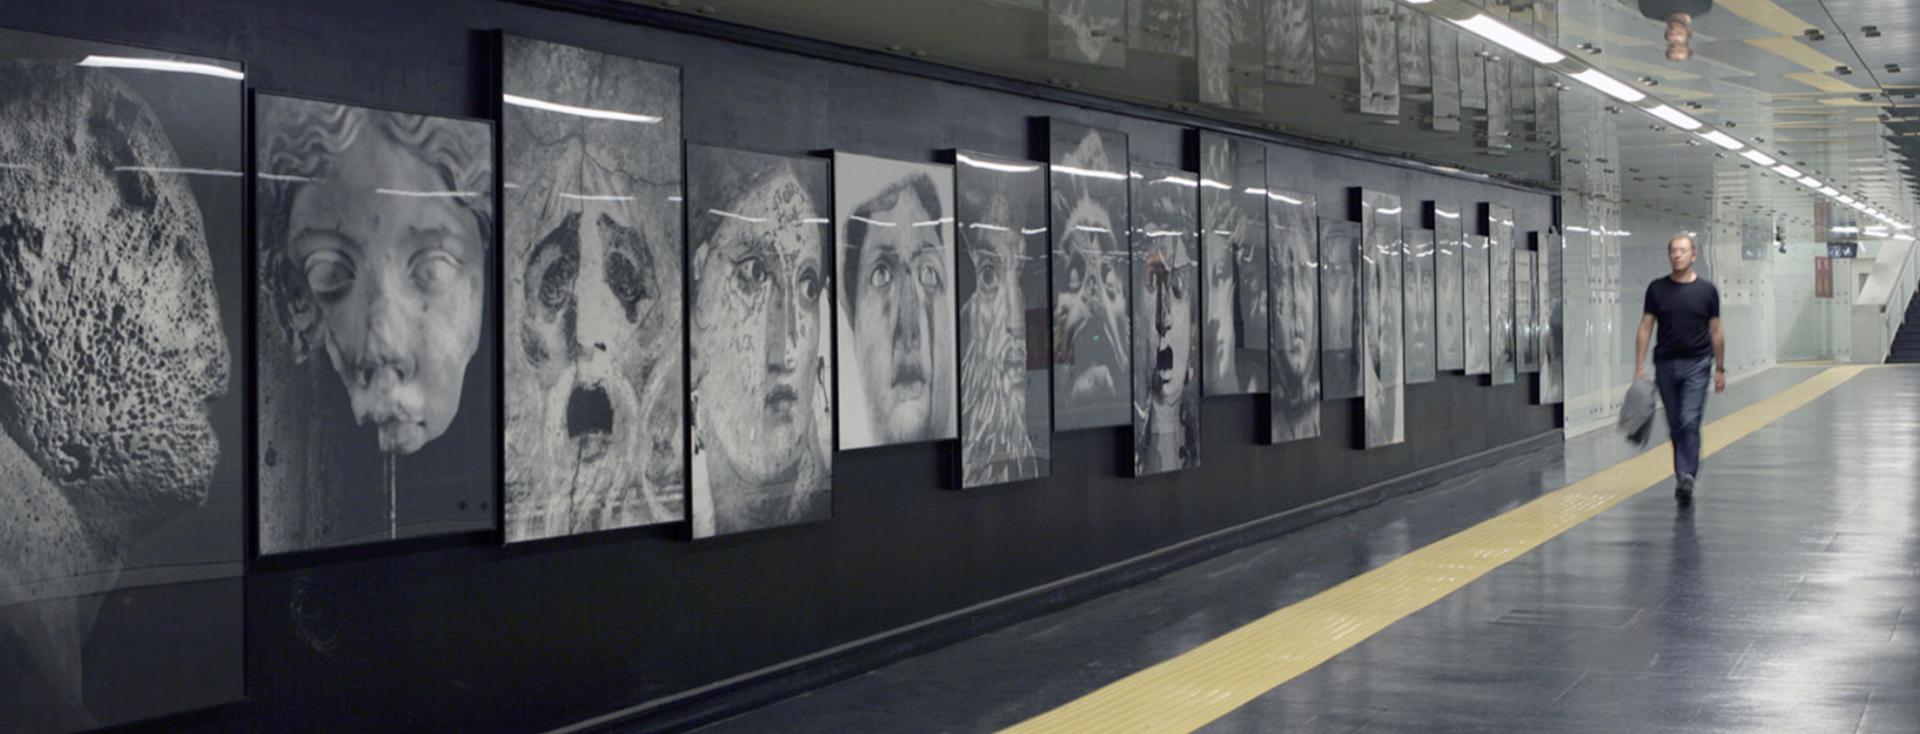 linea 1 - stazione museo - metropolitana di napoli